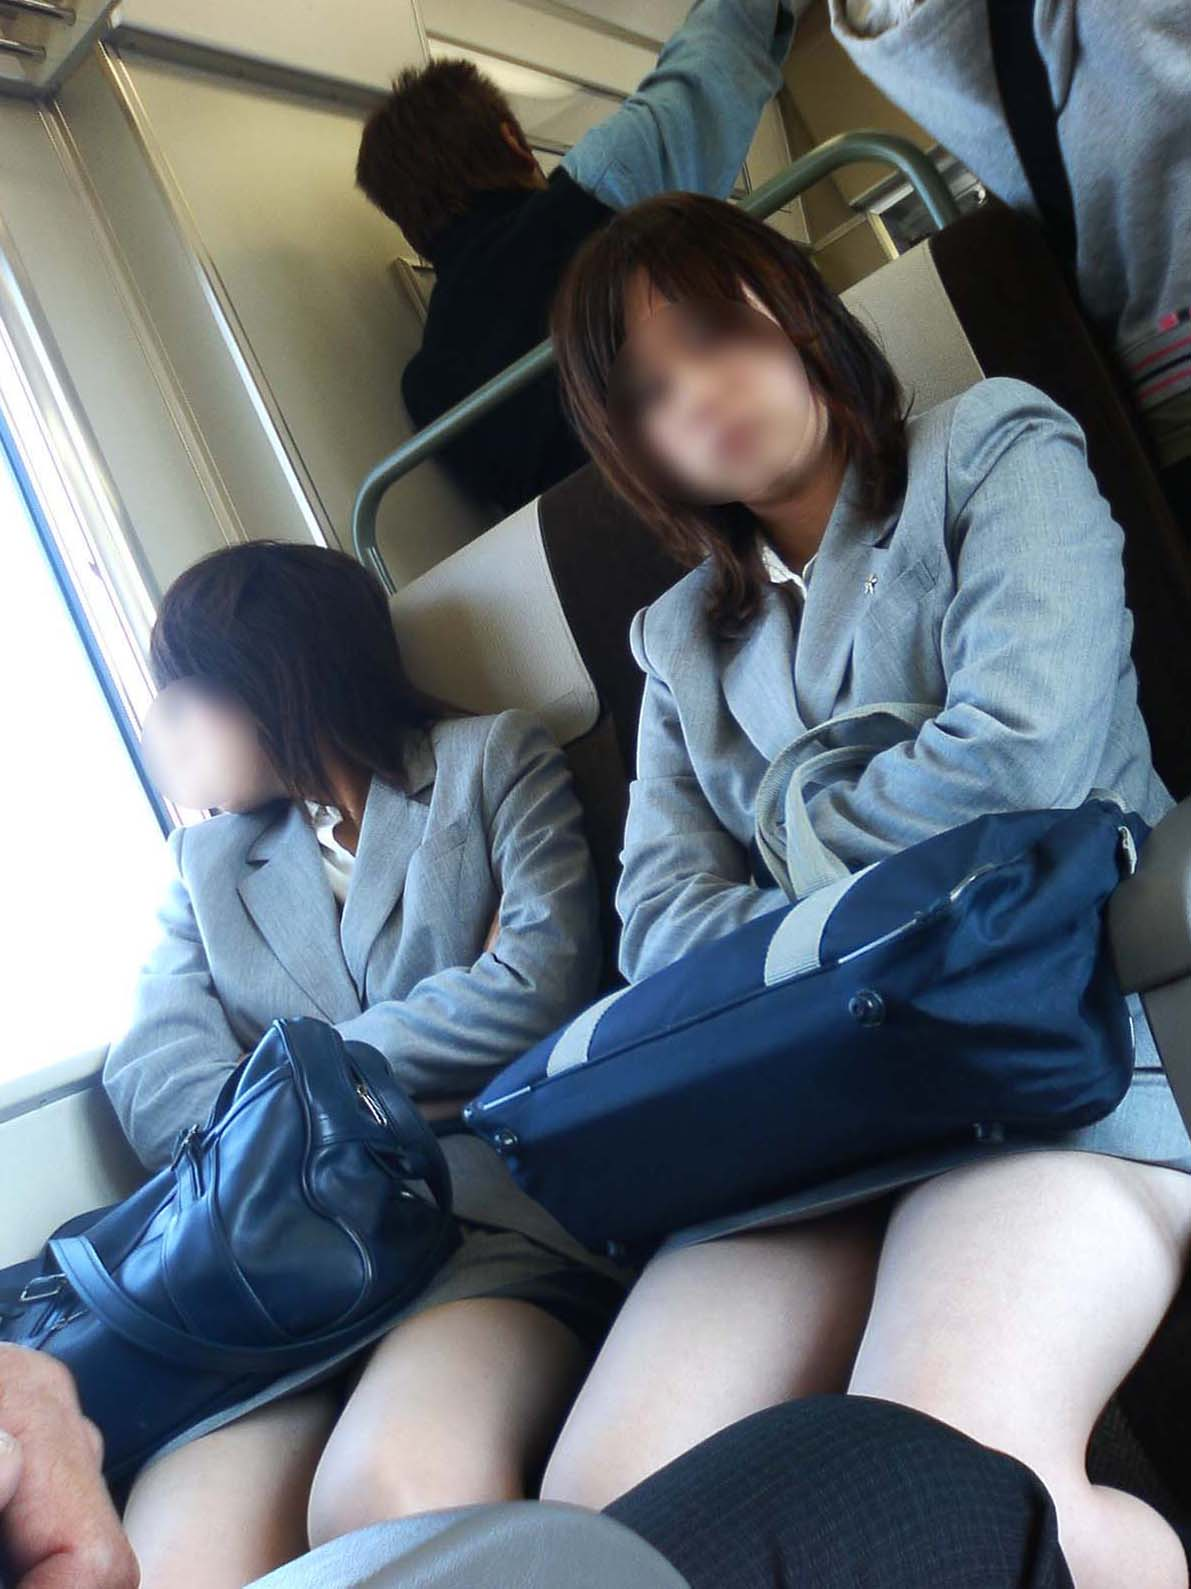 【画像】電車でこんなエロい女子高生の近く陣取る奴wwww